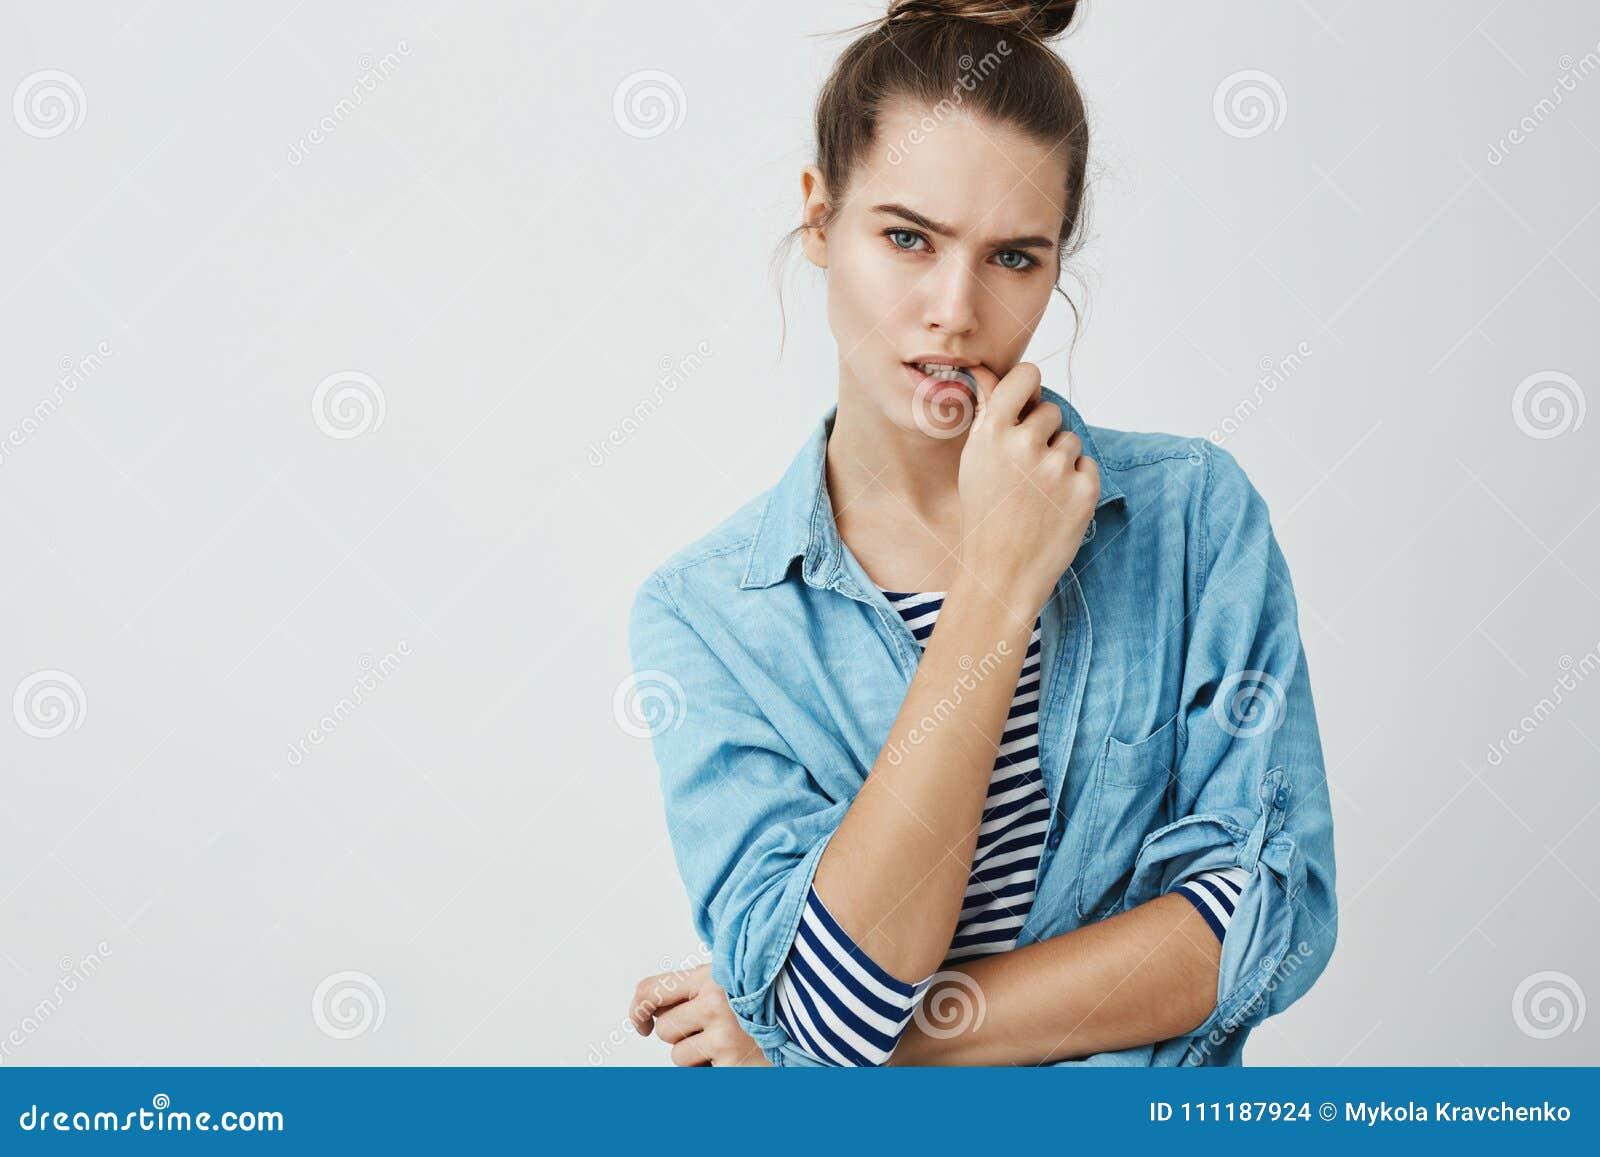 成年意想不到地击中了我 被打扰的和困惑的可爱的妇女,尖酸的拇指演播室射击小圆面包发型的,当时